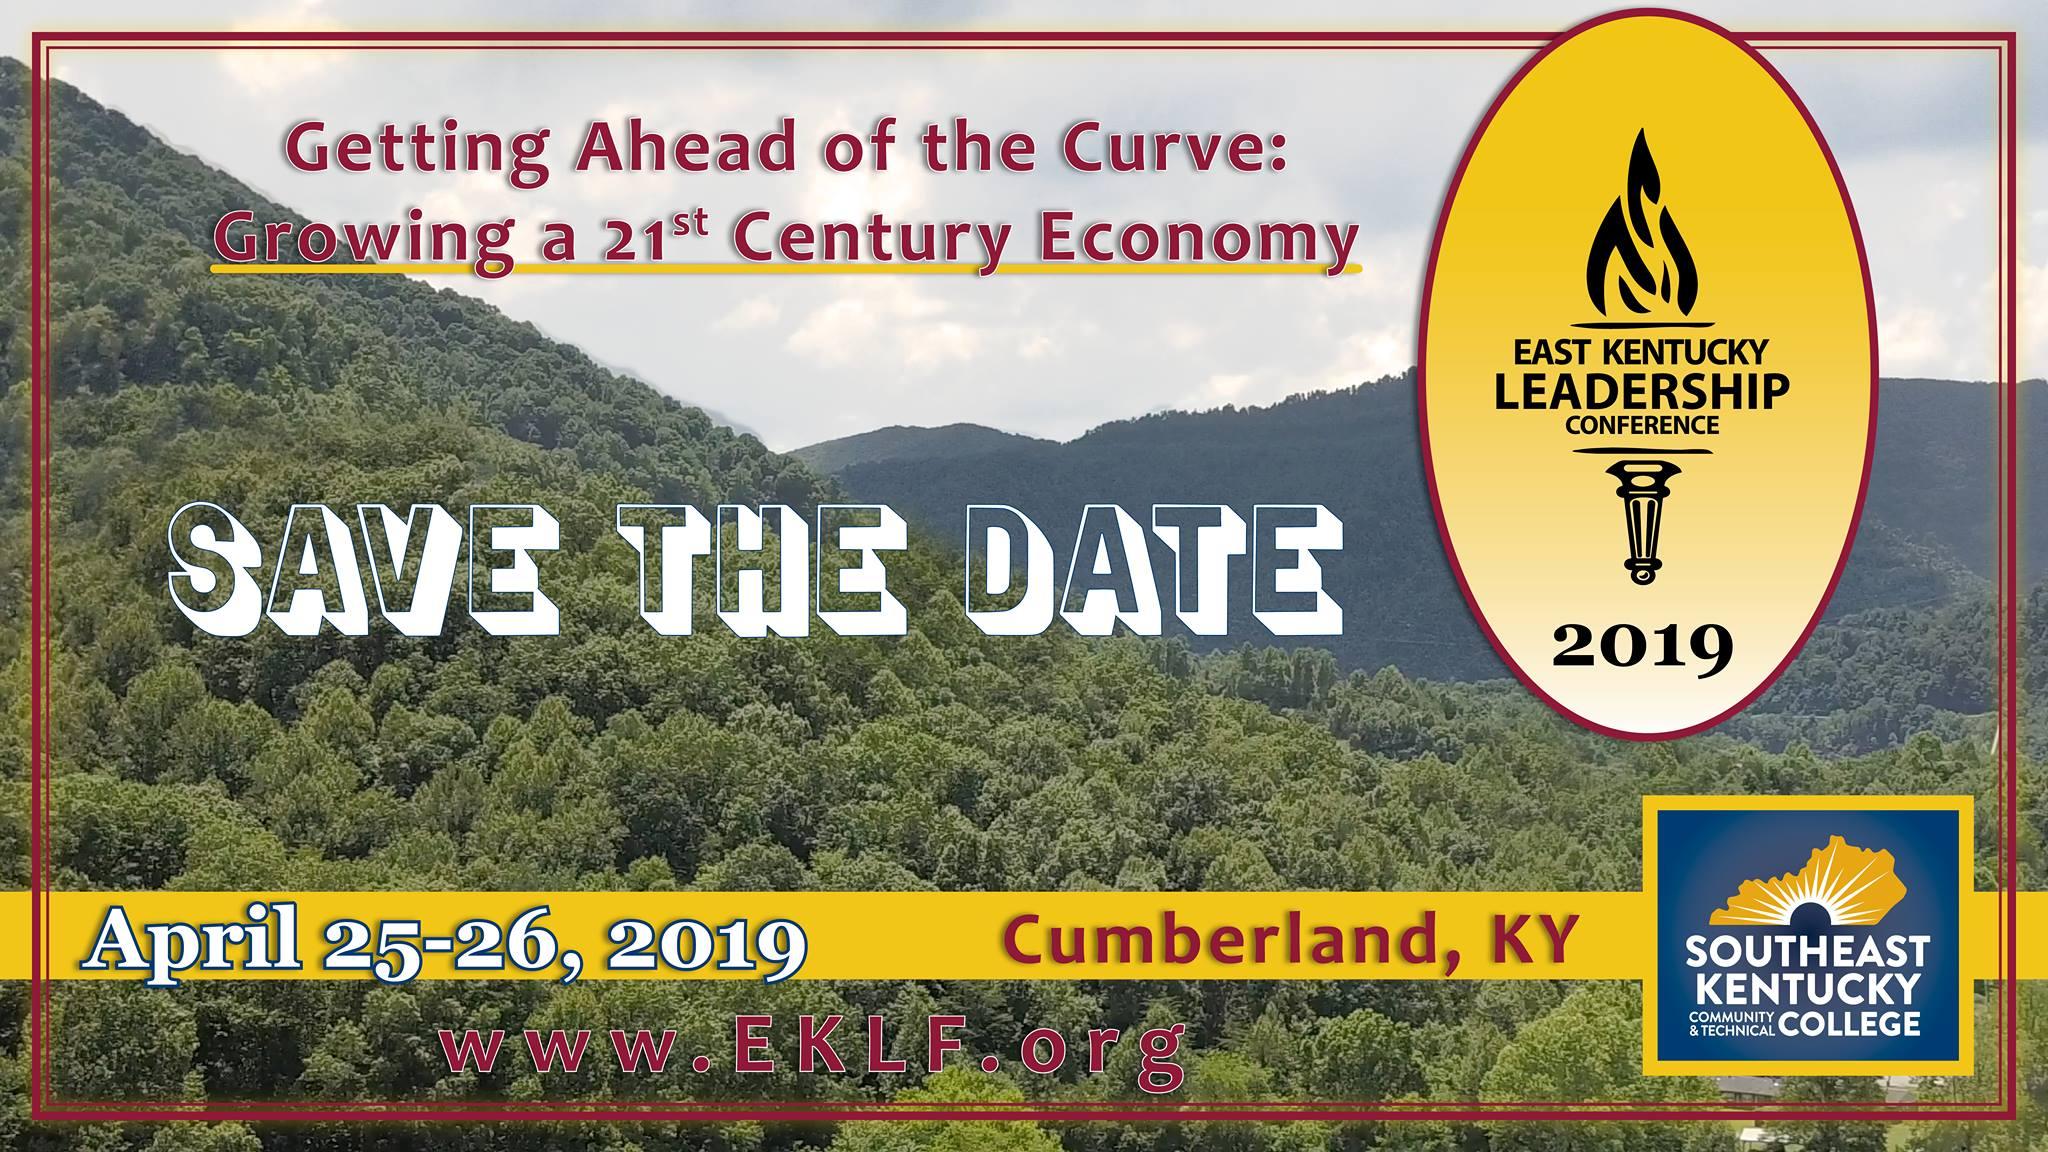 Southeast Kentucky Community & Technical College  700 College Rd, Cumberland, Kentucky 40823